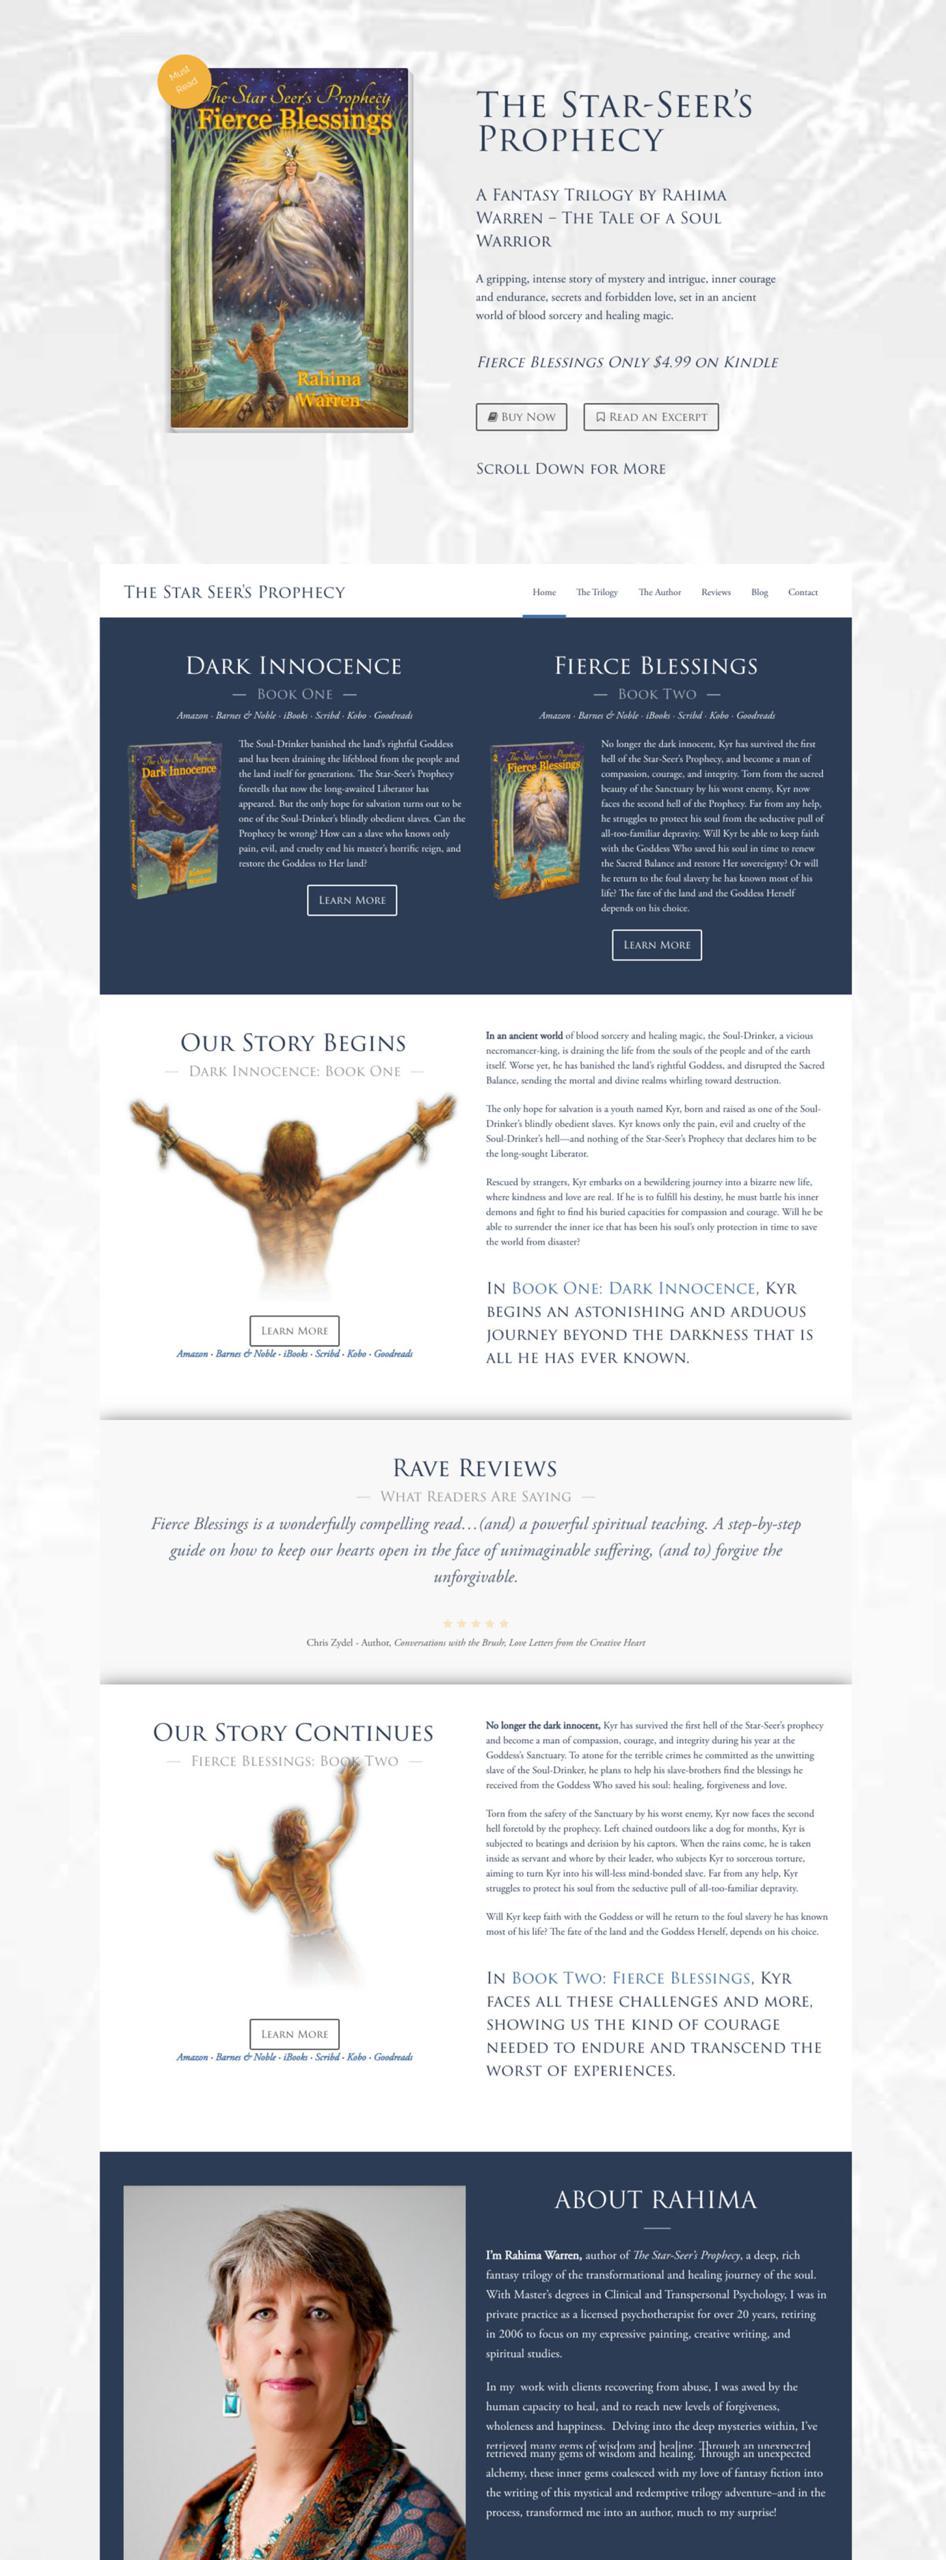 The-Star-Seers-Prophecy-Custom-WordPress-Web-Design-RKA-ink